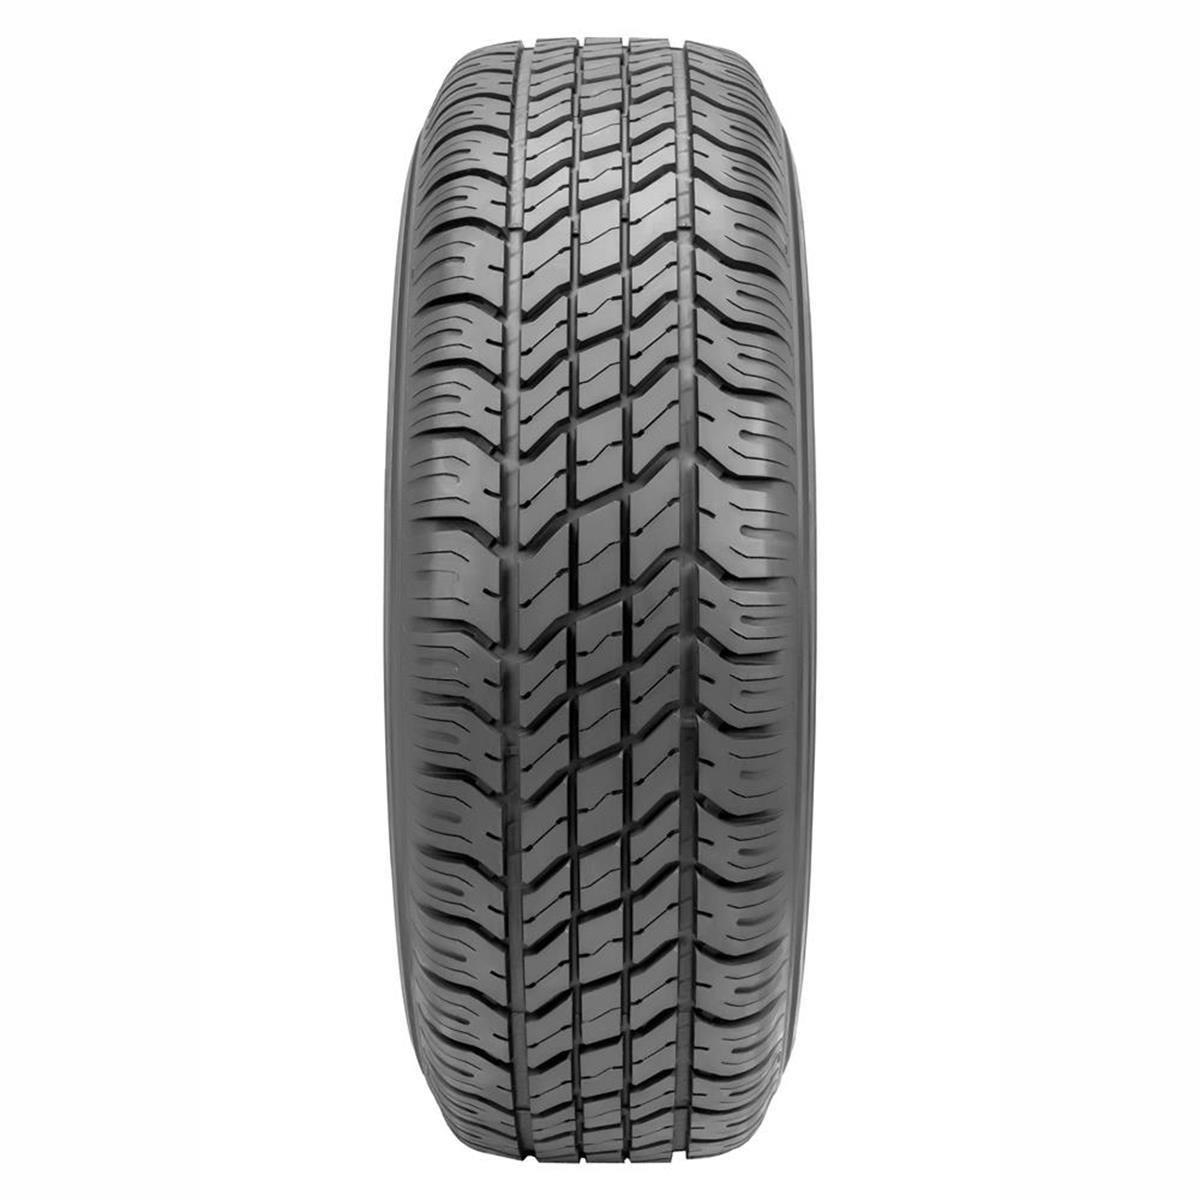 Pneu 265/70 R 16 - Formula S/T 110T - Pirelli